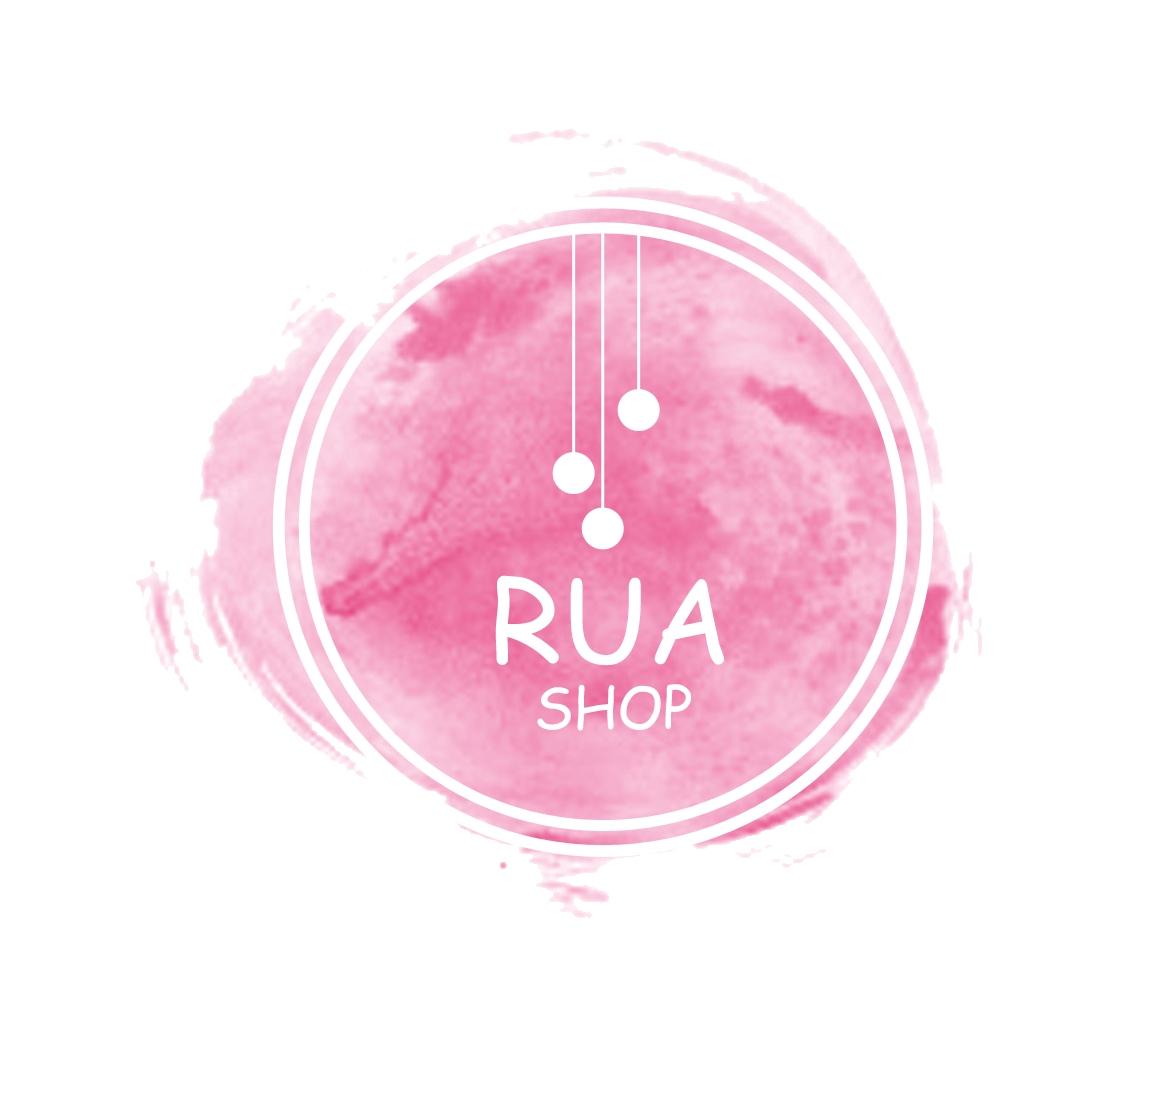 Rua Shop